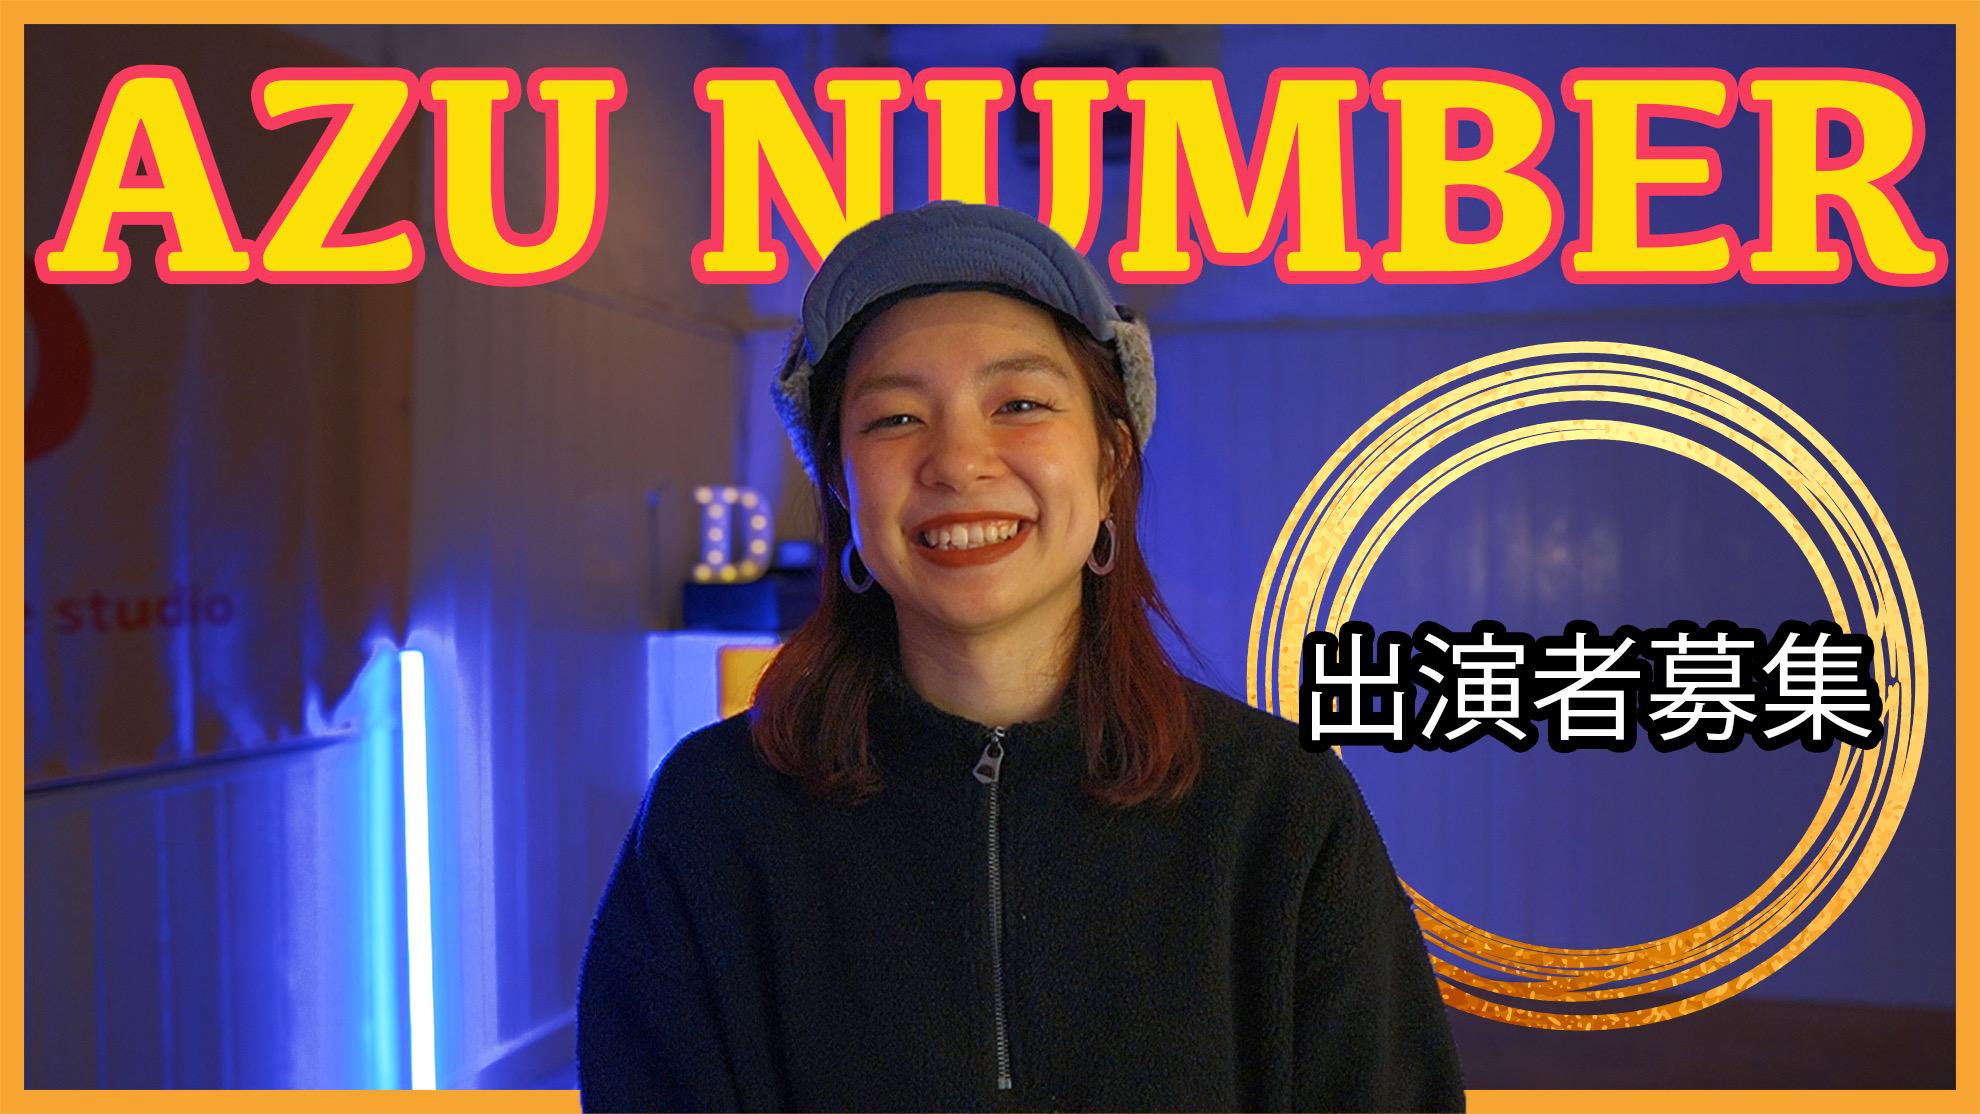 2020年ドットカラー発表会AZUナンバーをご紹介!福岡でダンスが大好きな方にオススメのナンバーです!